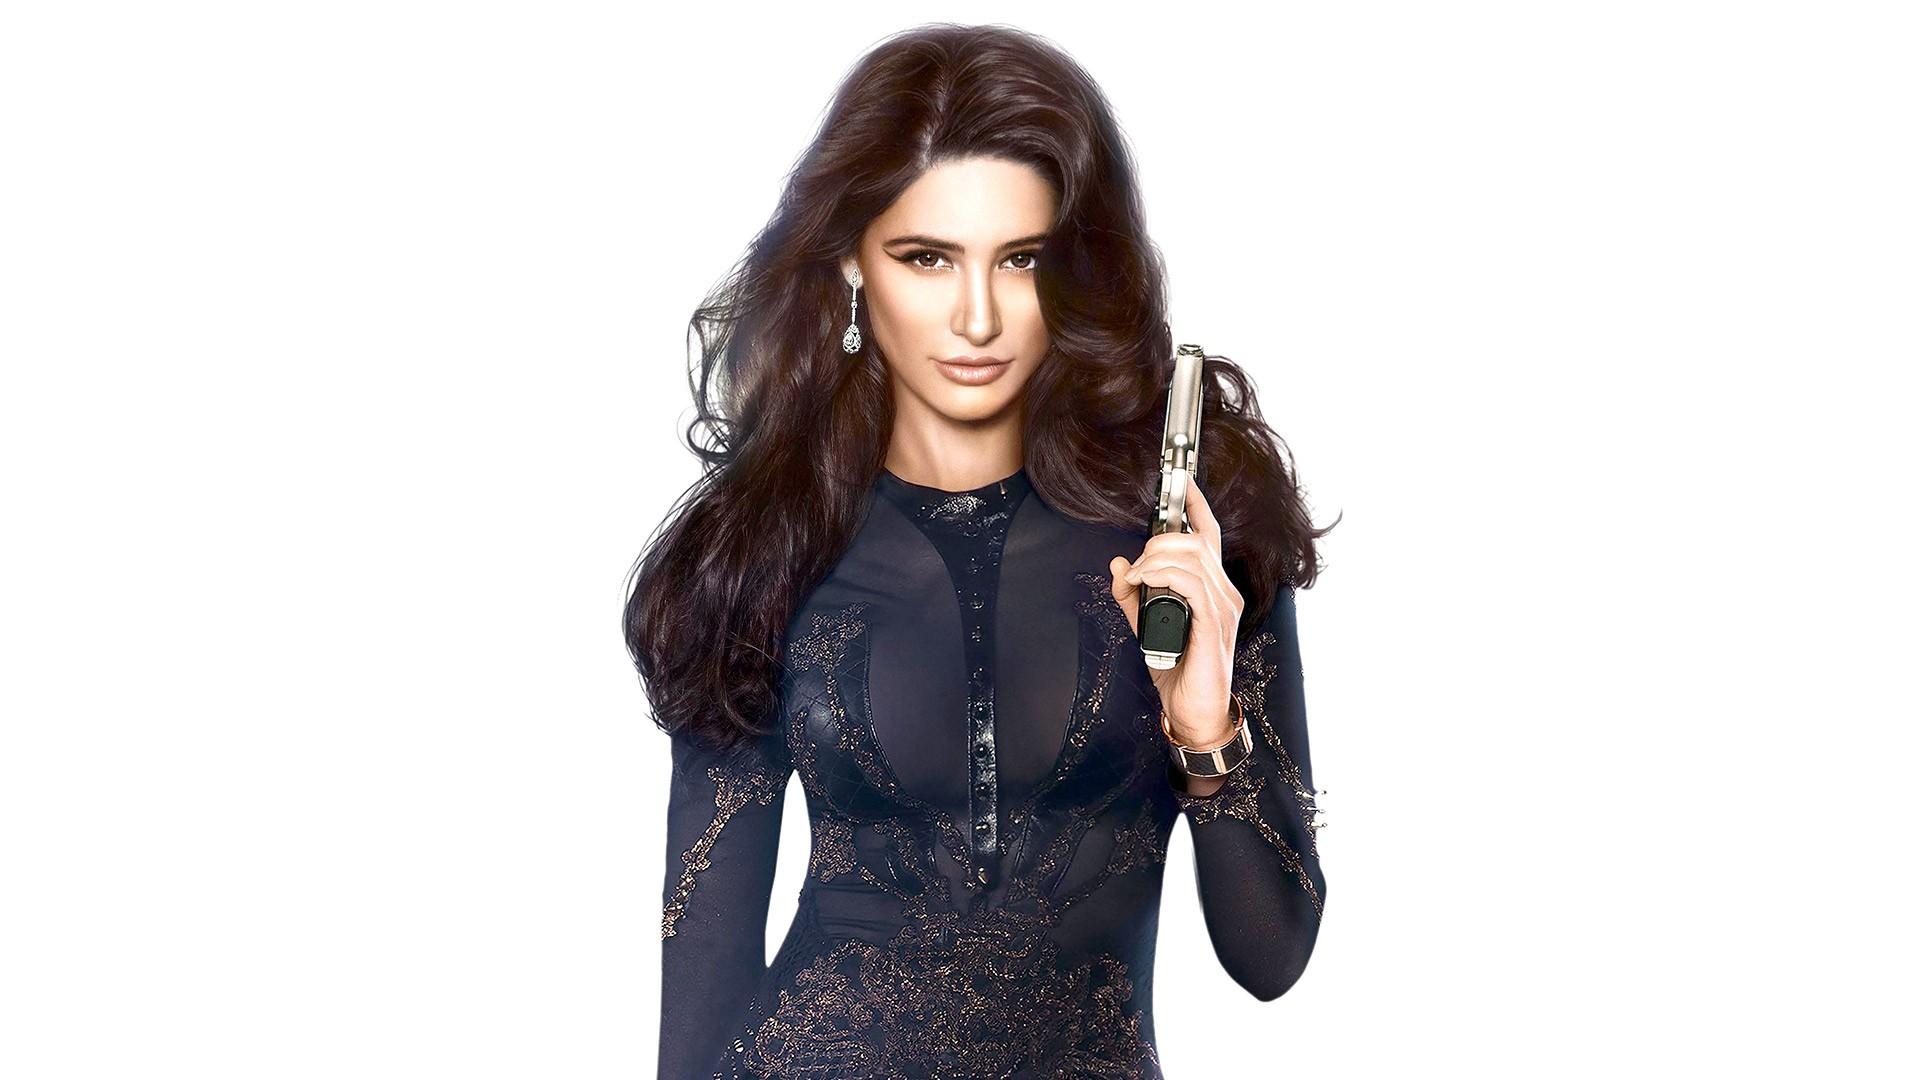 Celebrities Hd Wallpaper Download Nargis Fakhri Hd: Nargis Fakhri, HD Indian Celebrities, 4k Wallpapers